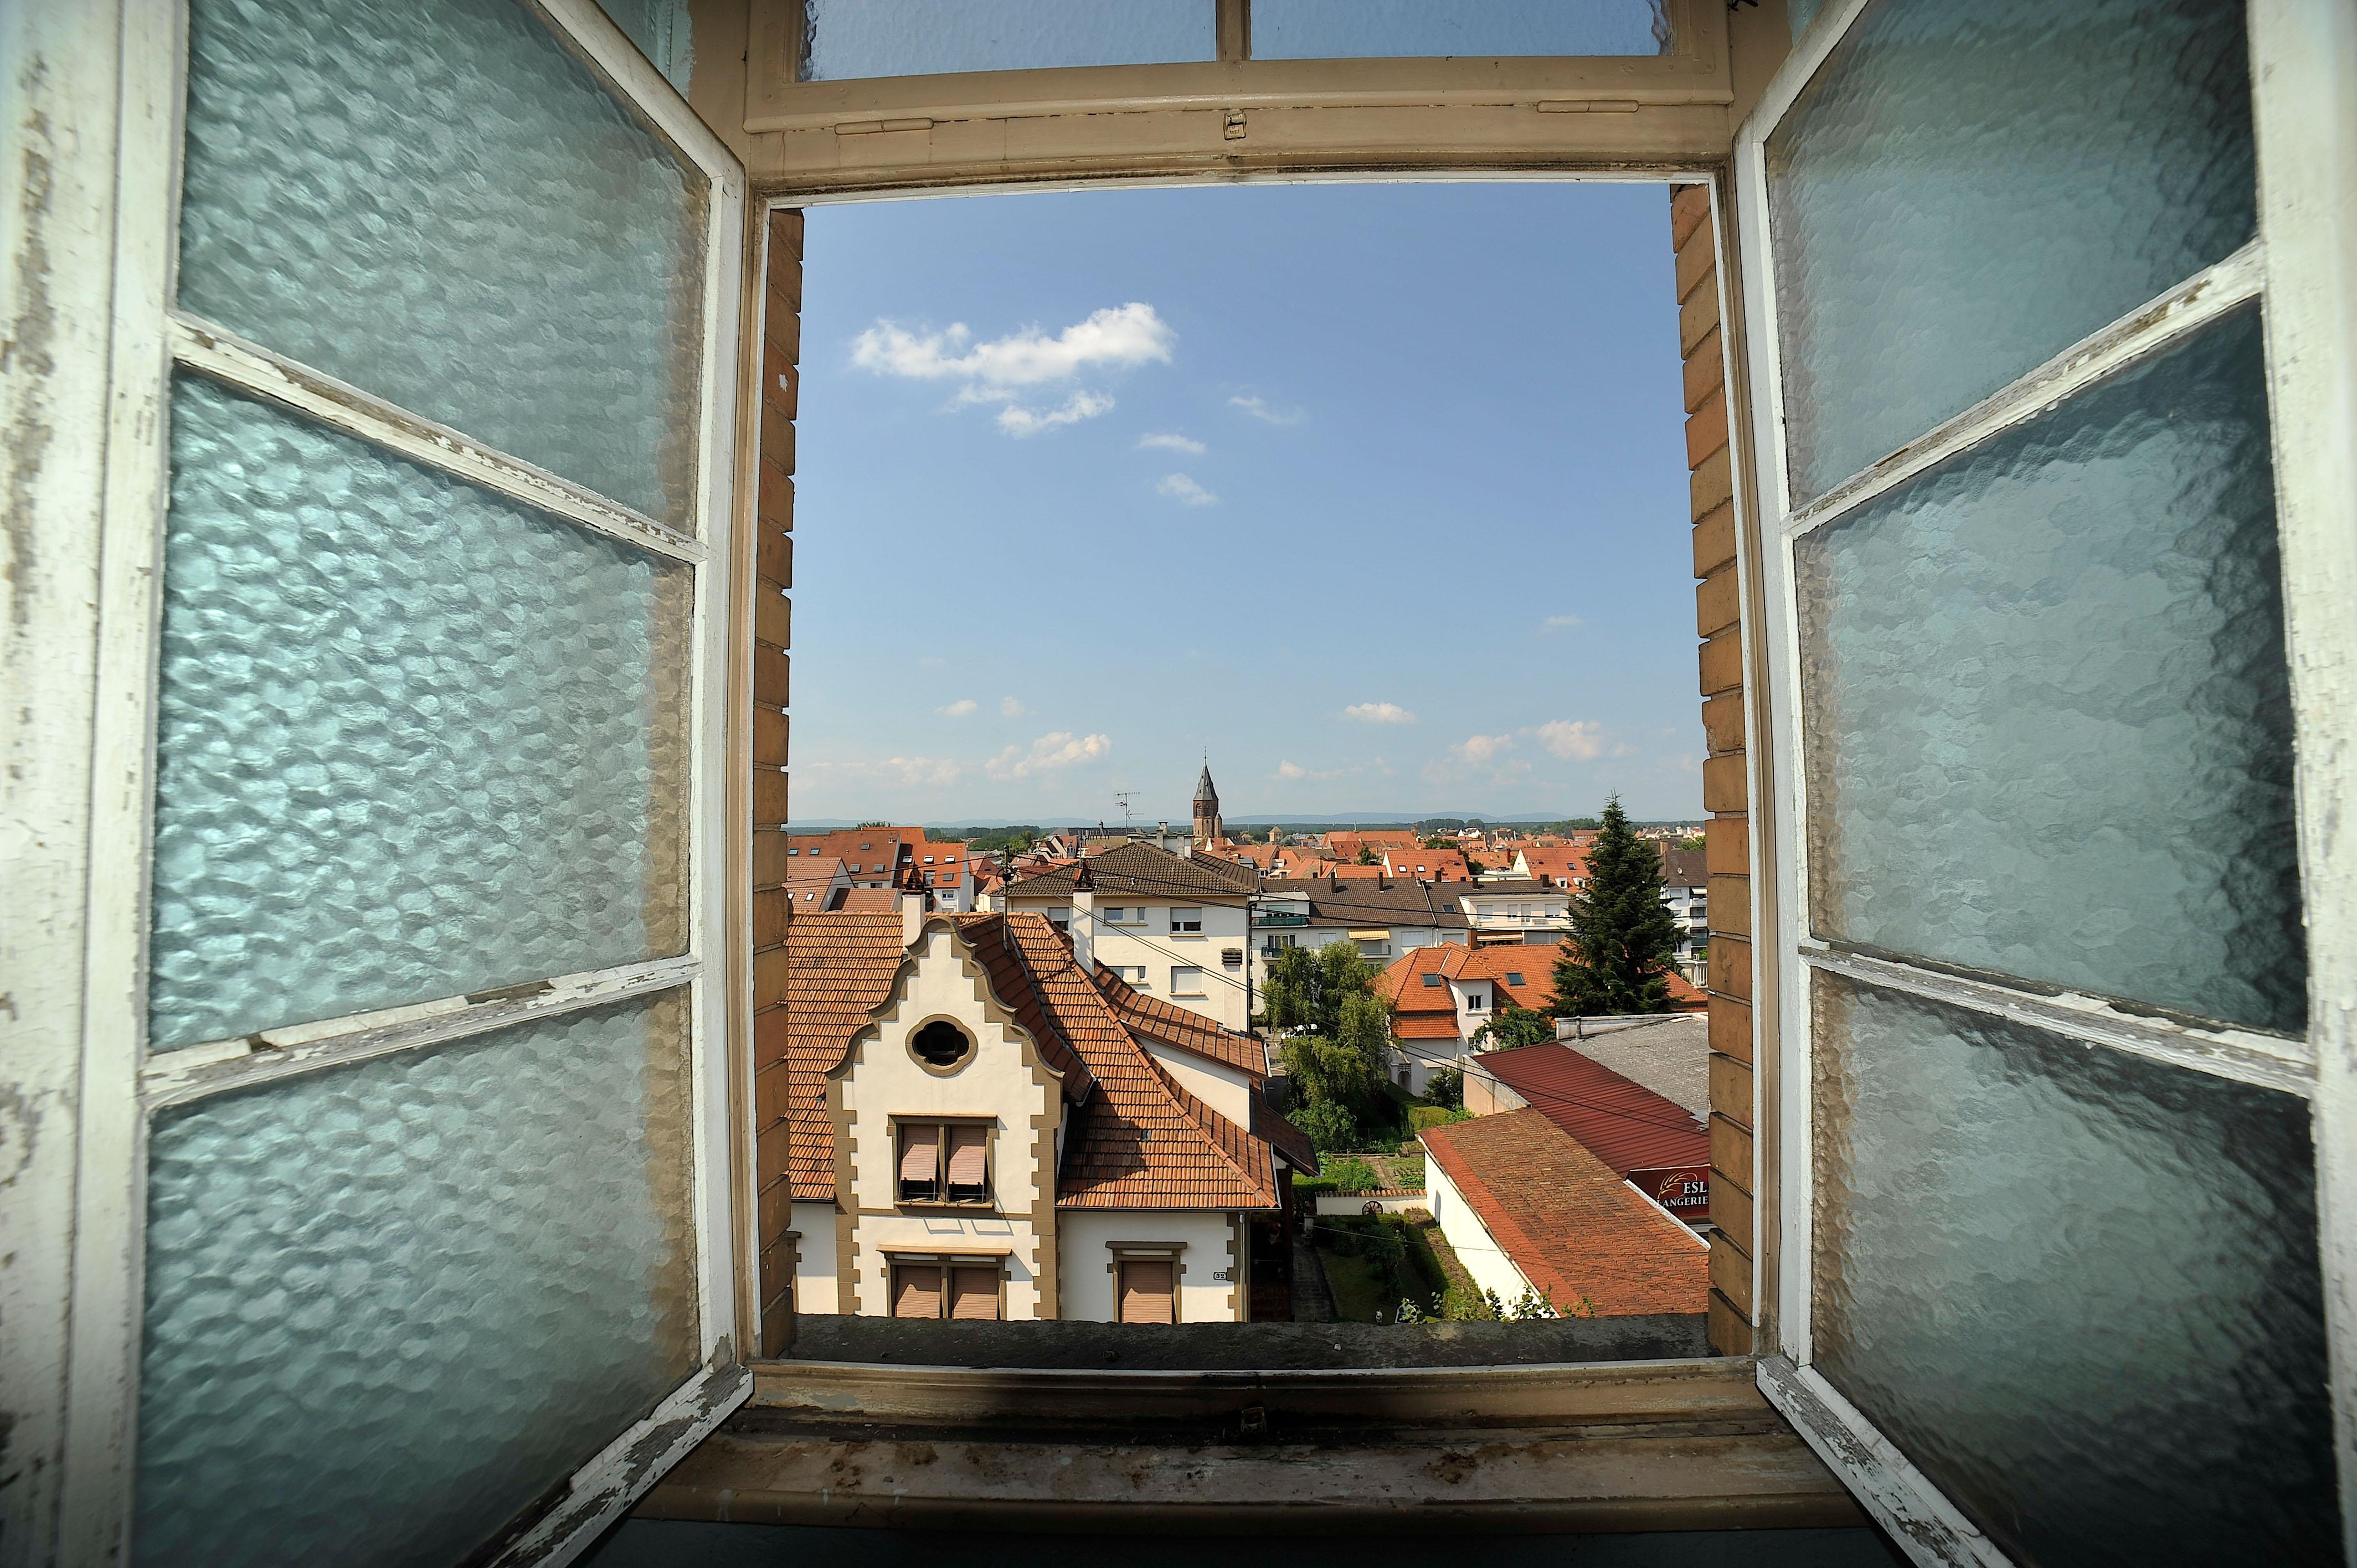 © Laurent Reinbold - Catégorie Vue sur la ville, vue sur Thurot